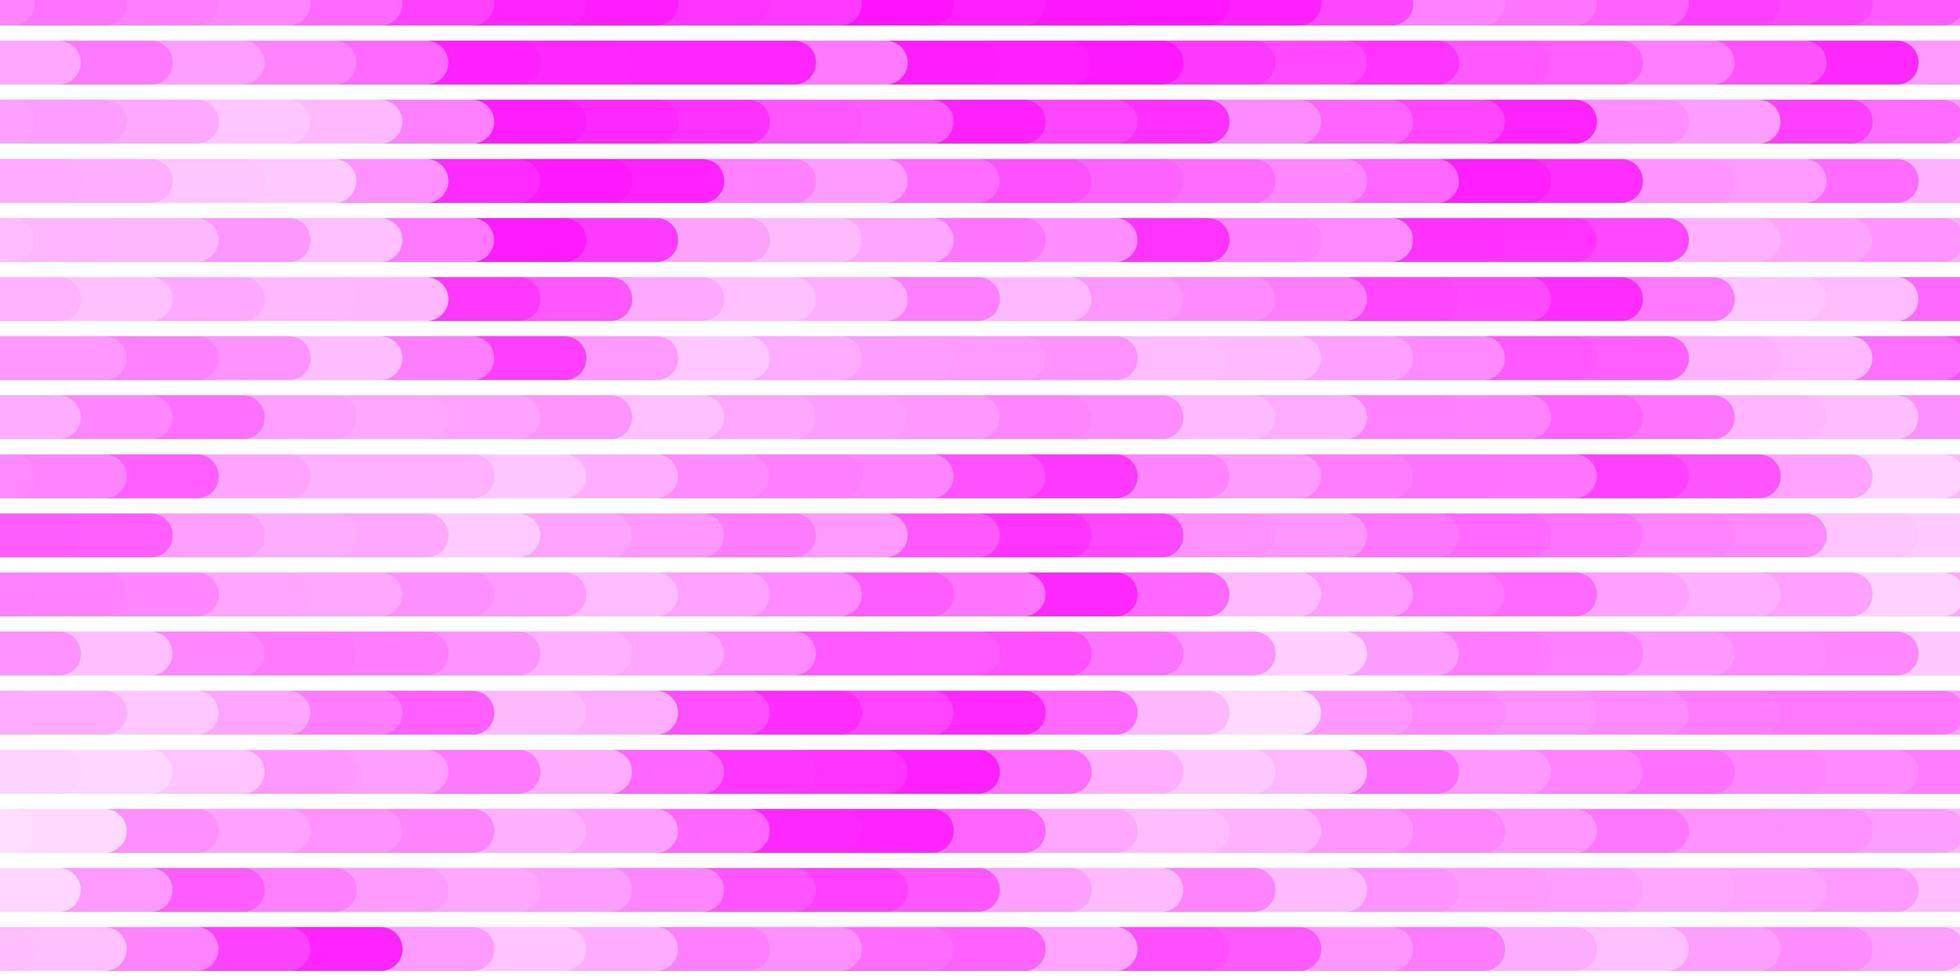 fond rose clair avec des lignes. vecteur